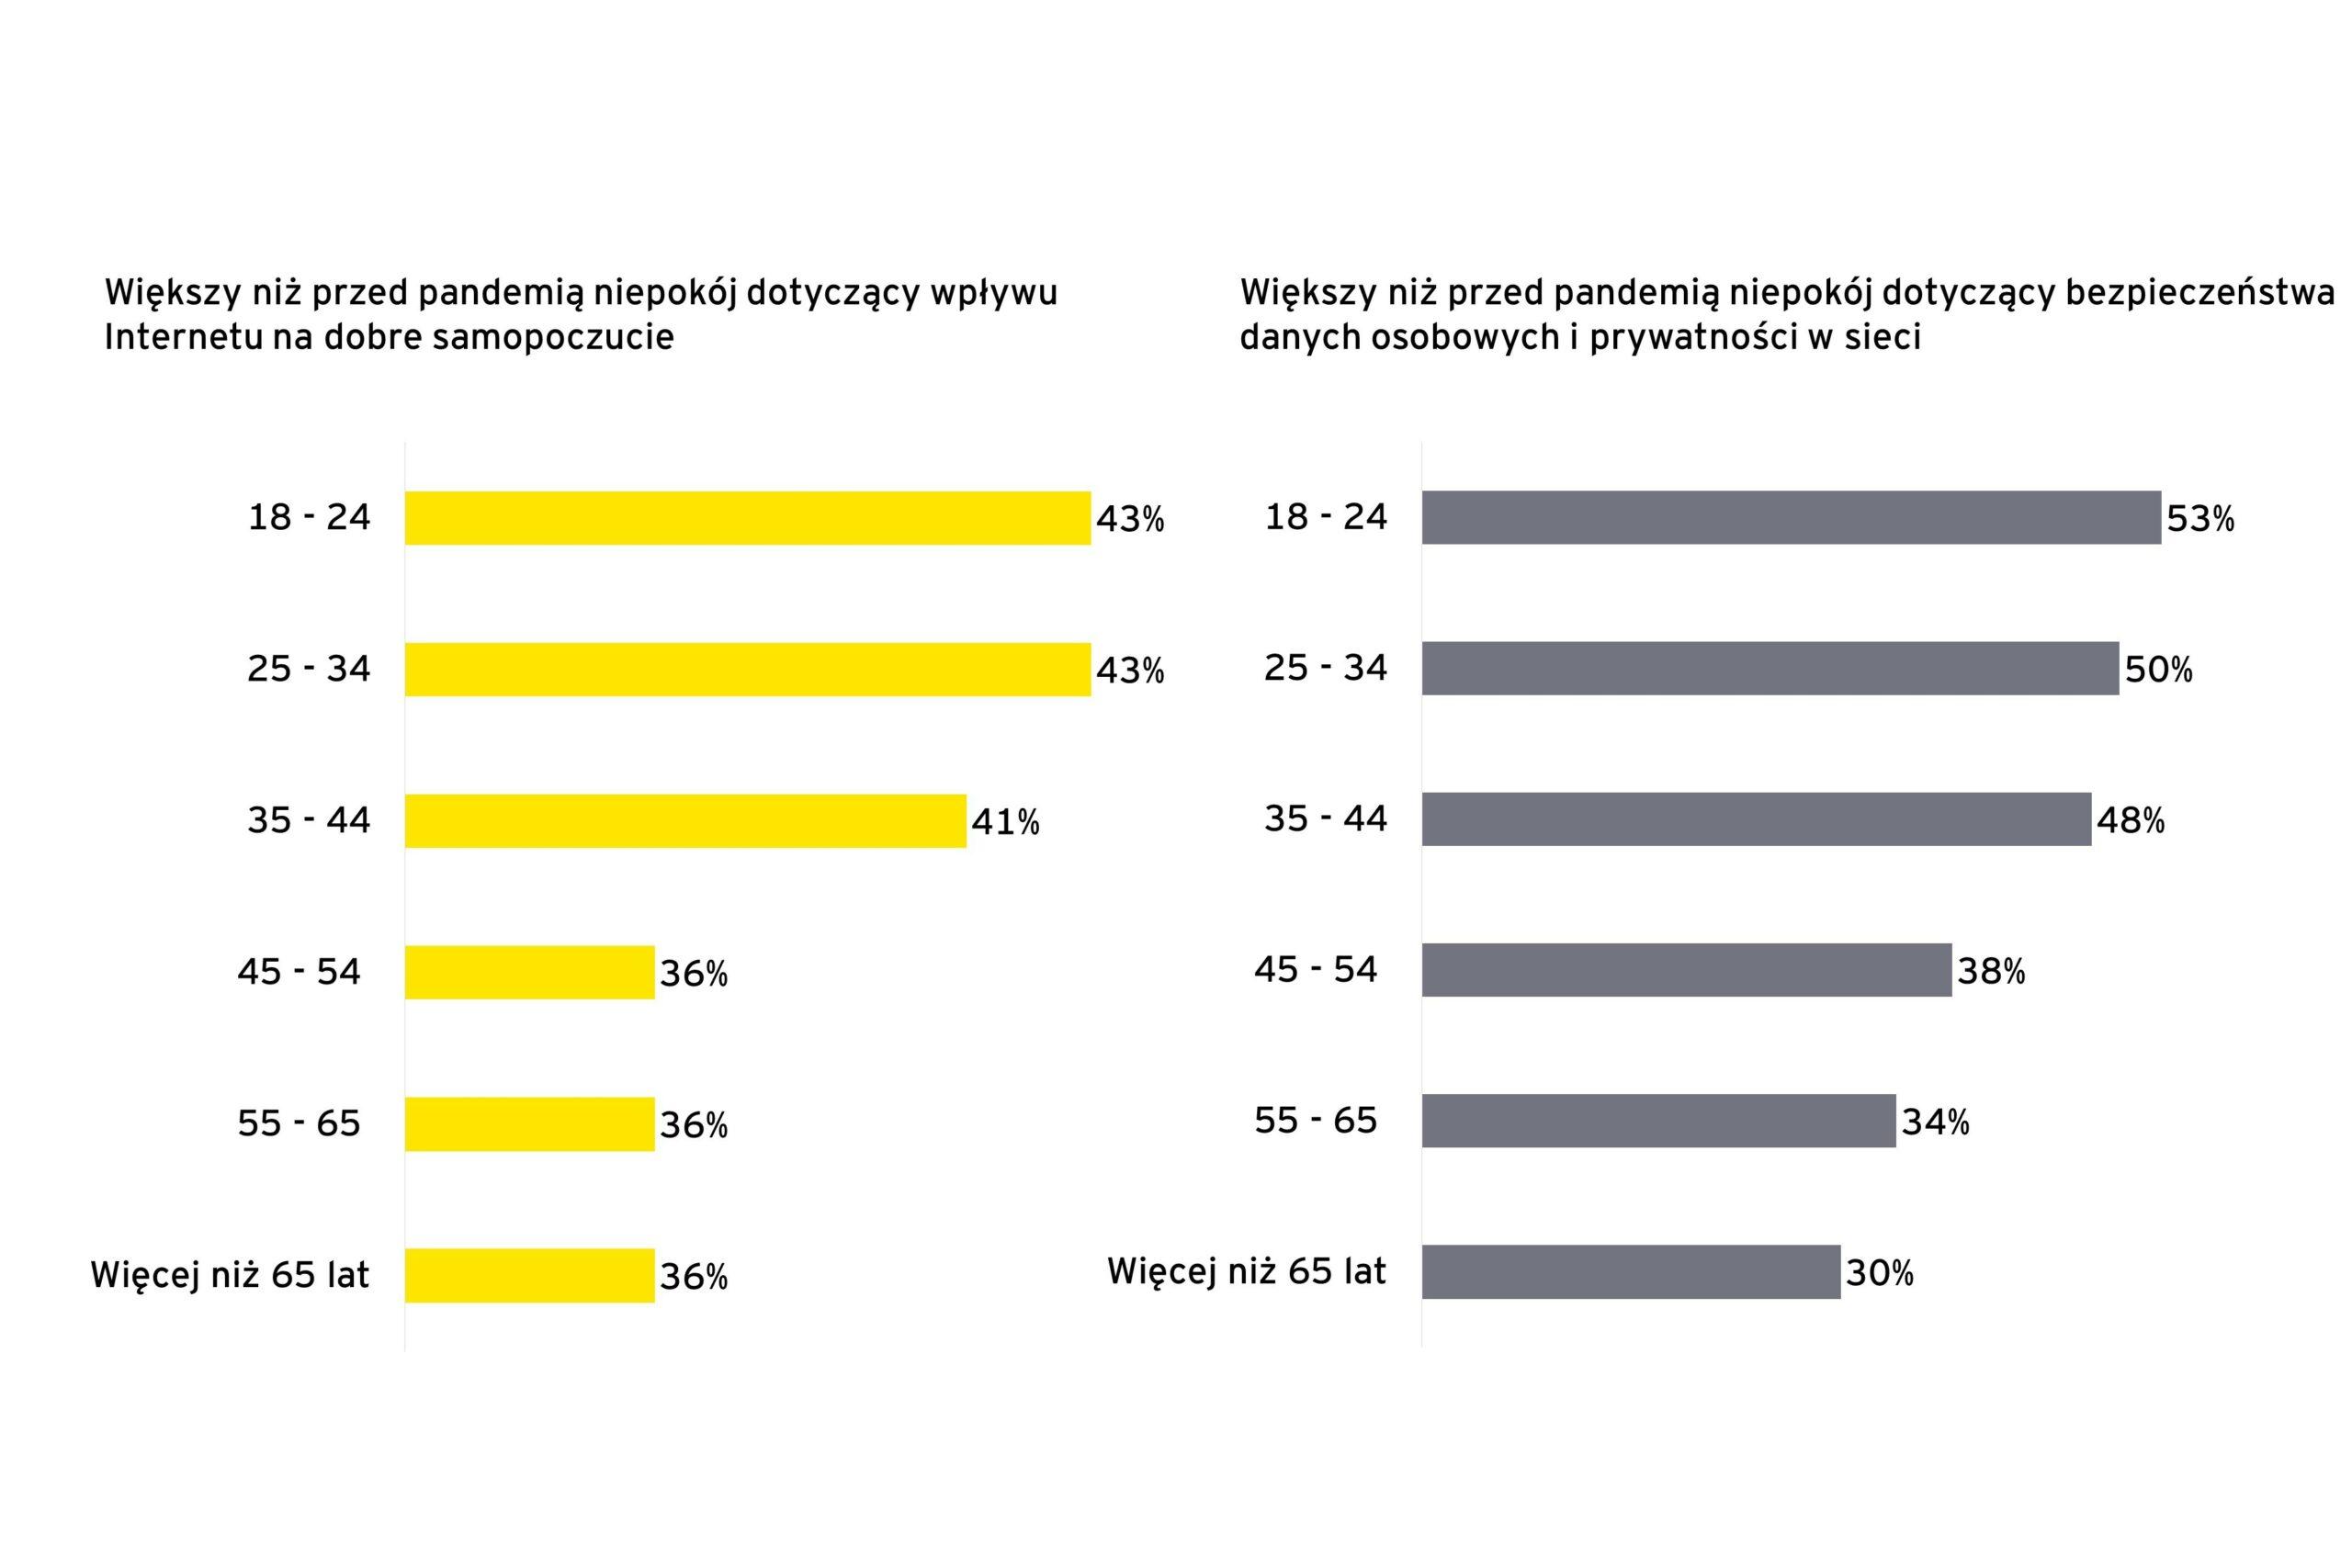 Rys. 2. Zaniepokojenie wpływem obecności w sieci na dobre samopoczucie i bezpieczeństwo danych osobowych w podziale na grupy wiekowe